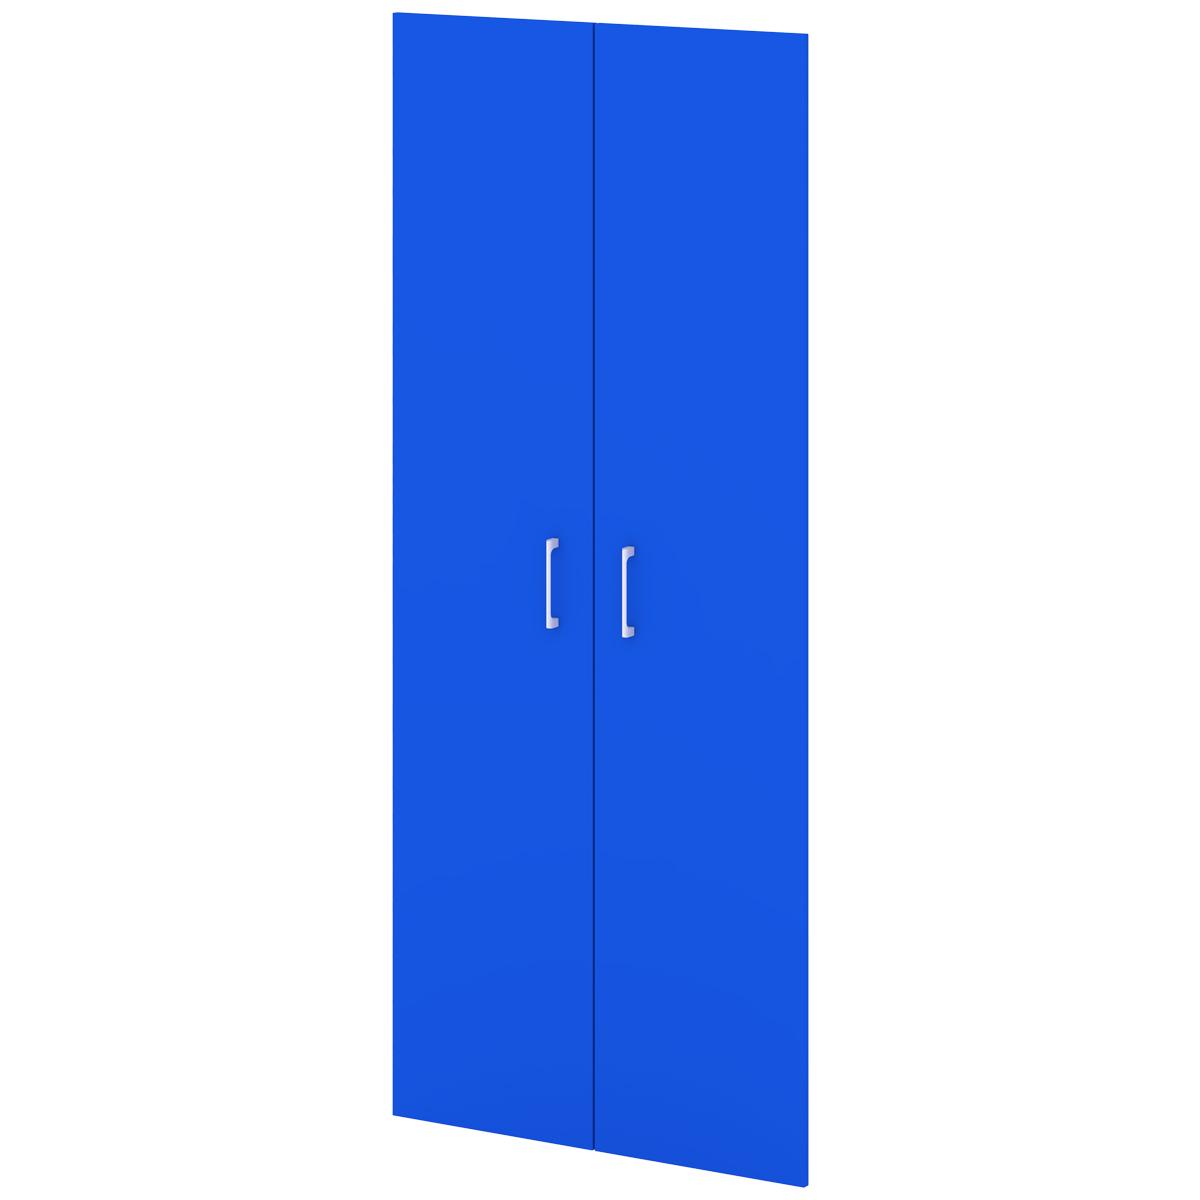 Двери высокие ЛДСП S-030-522 Sentida Color